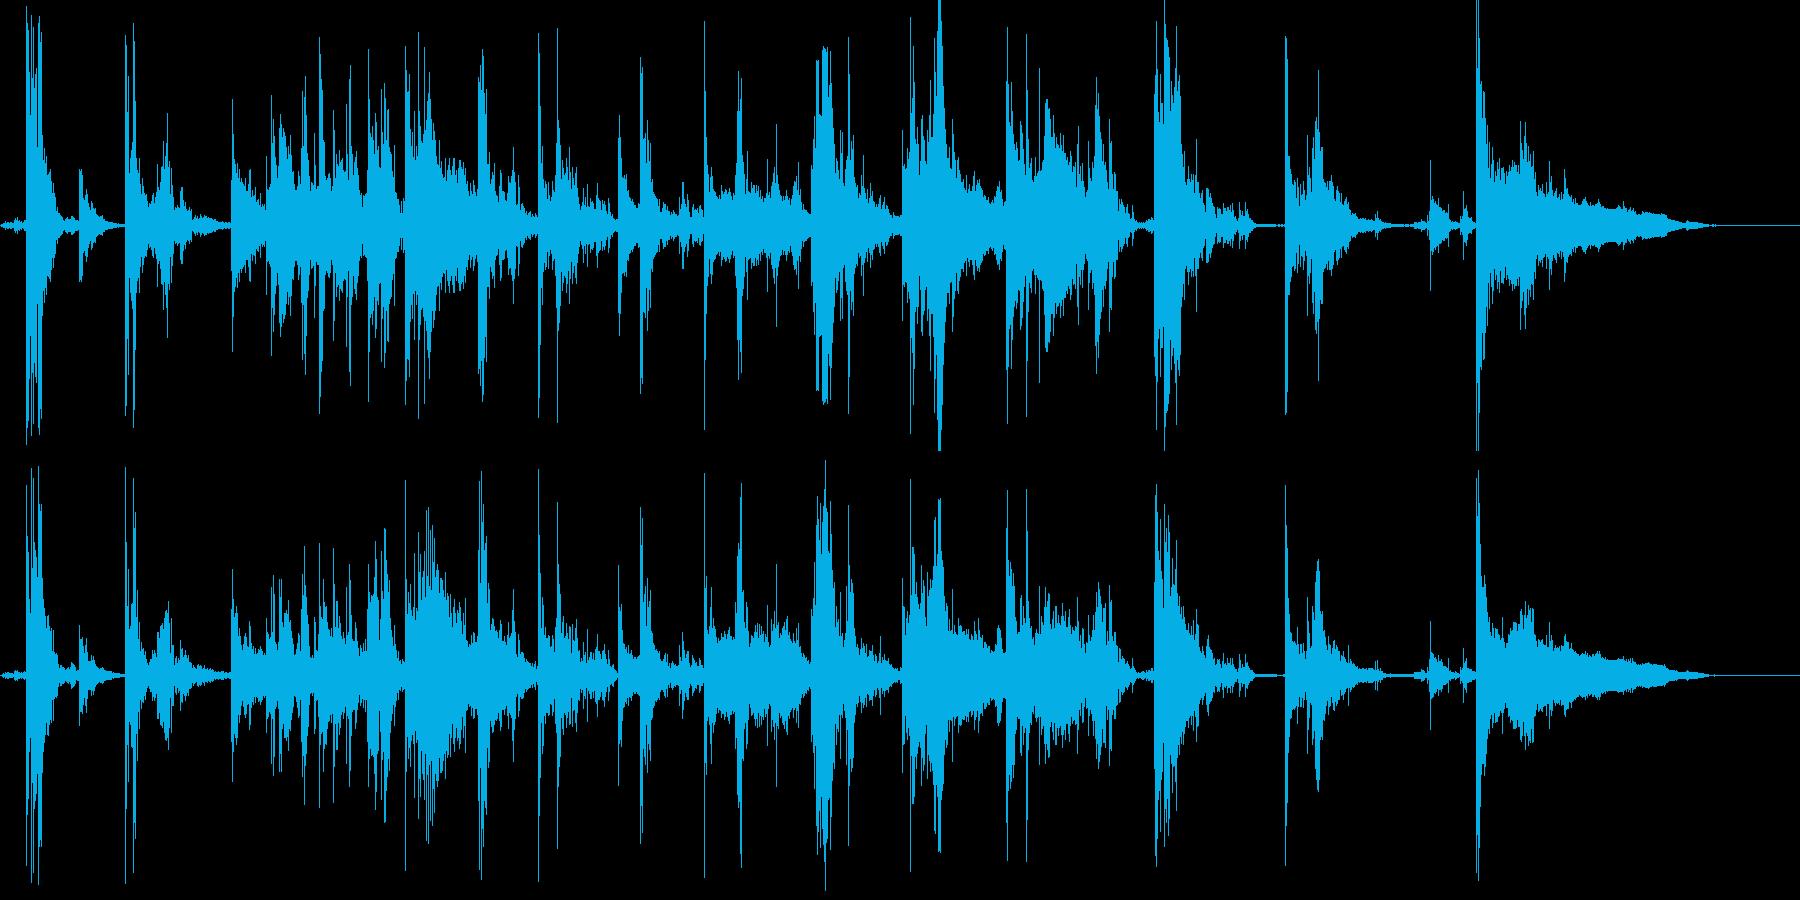 ジャラジャラ(コイン・支払い・払い出し)の再生済みの波形